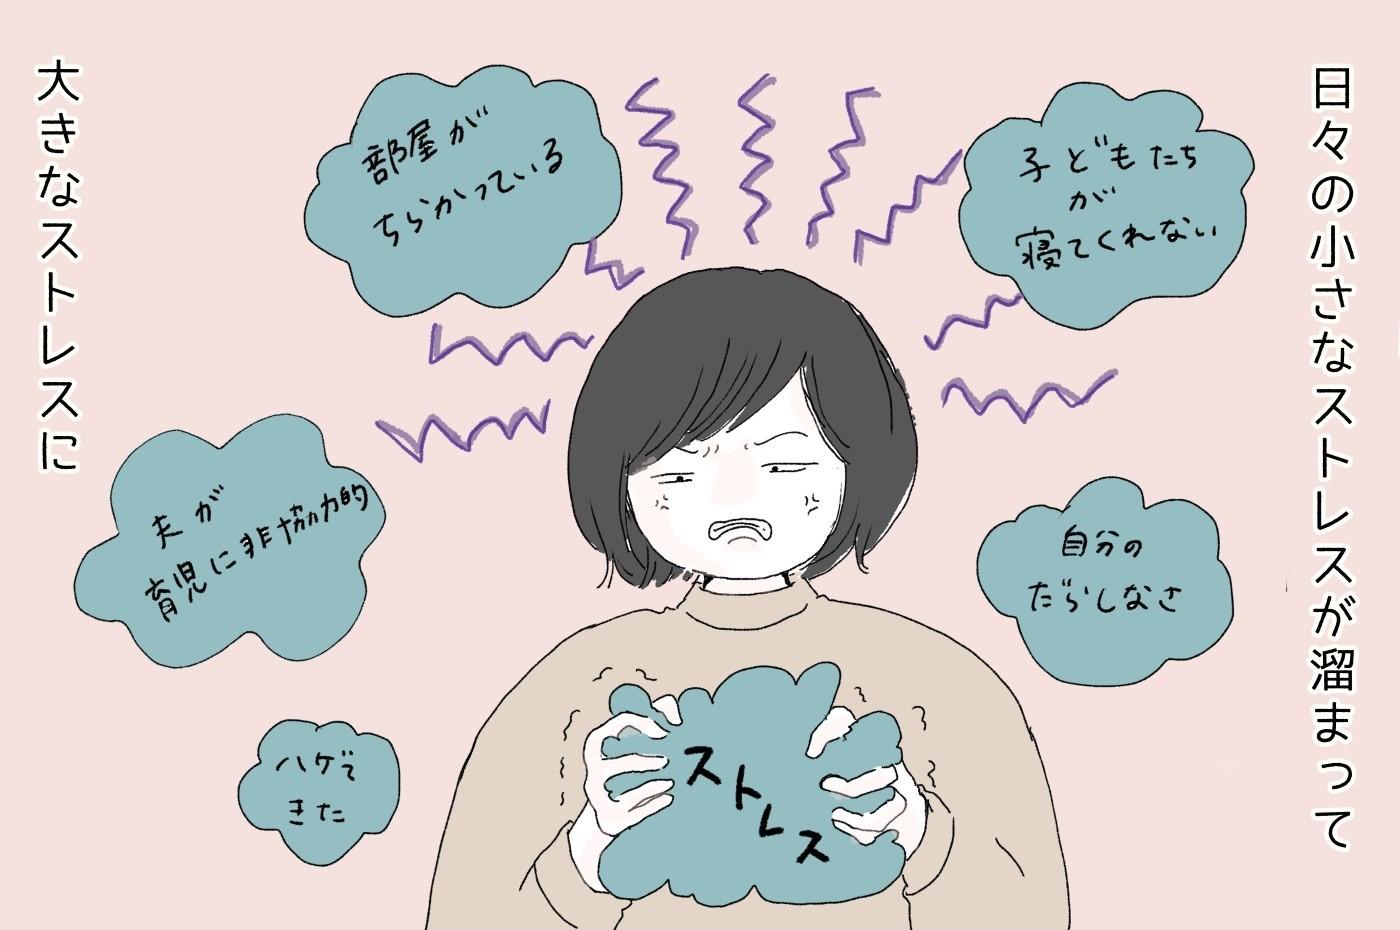 毎日できる範囲でリフレッシュ! 簡単にできる私のストレス解消法2つ